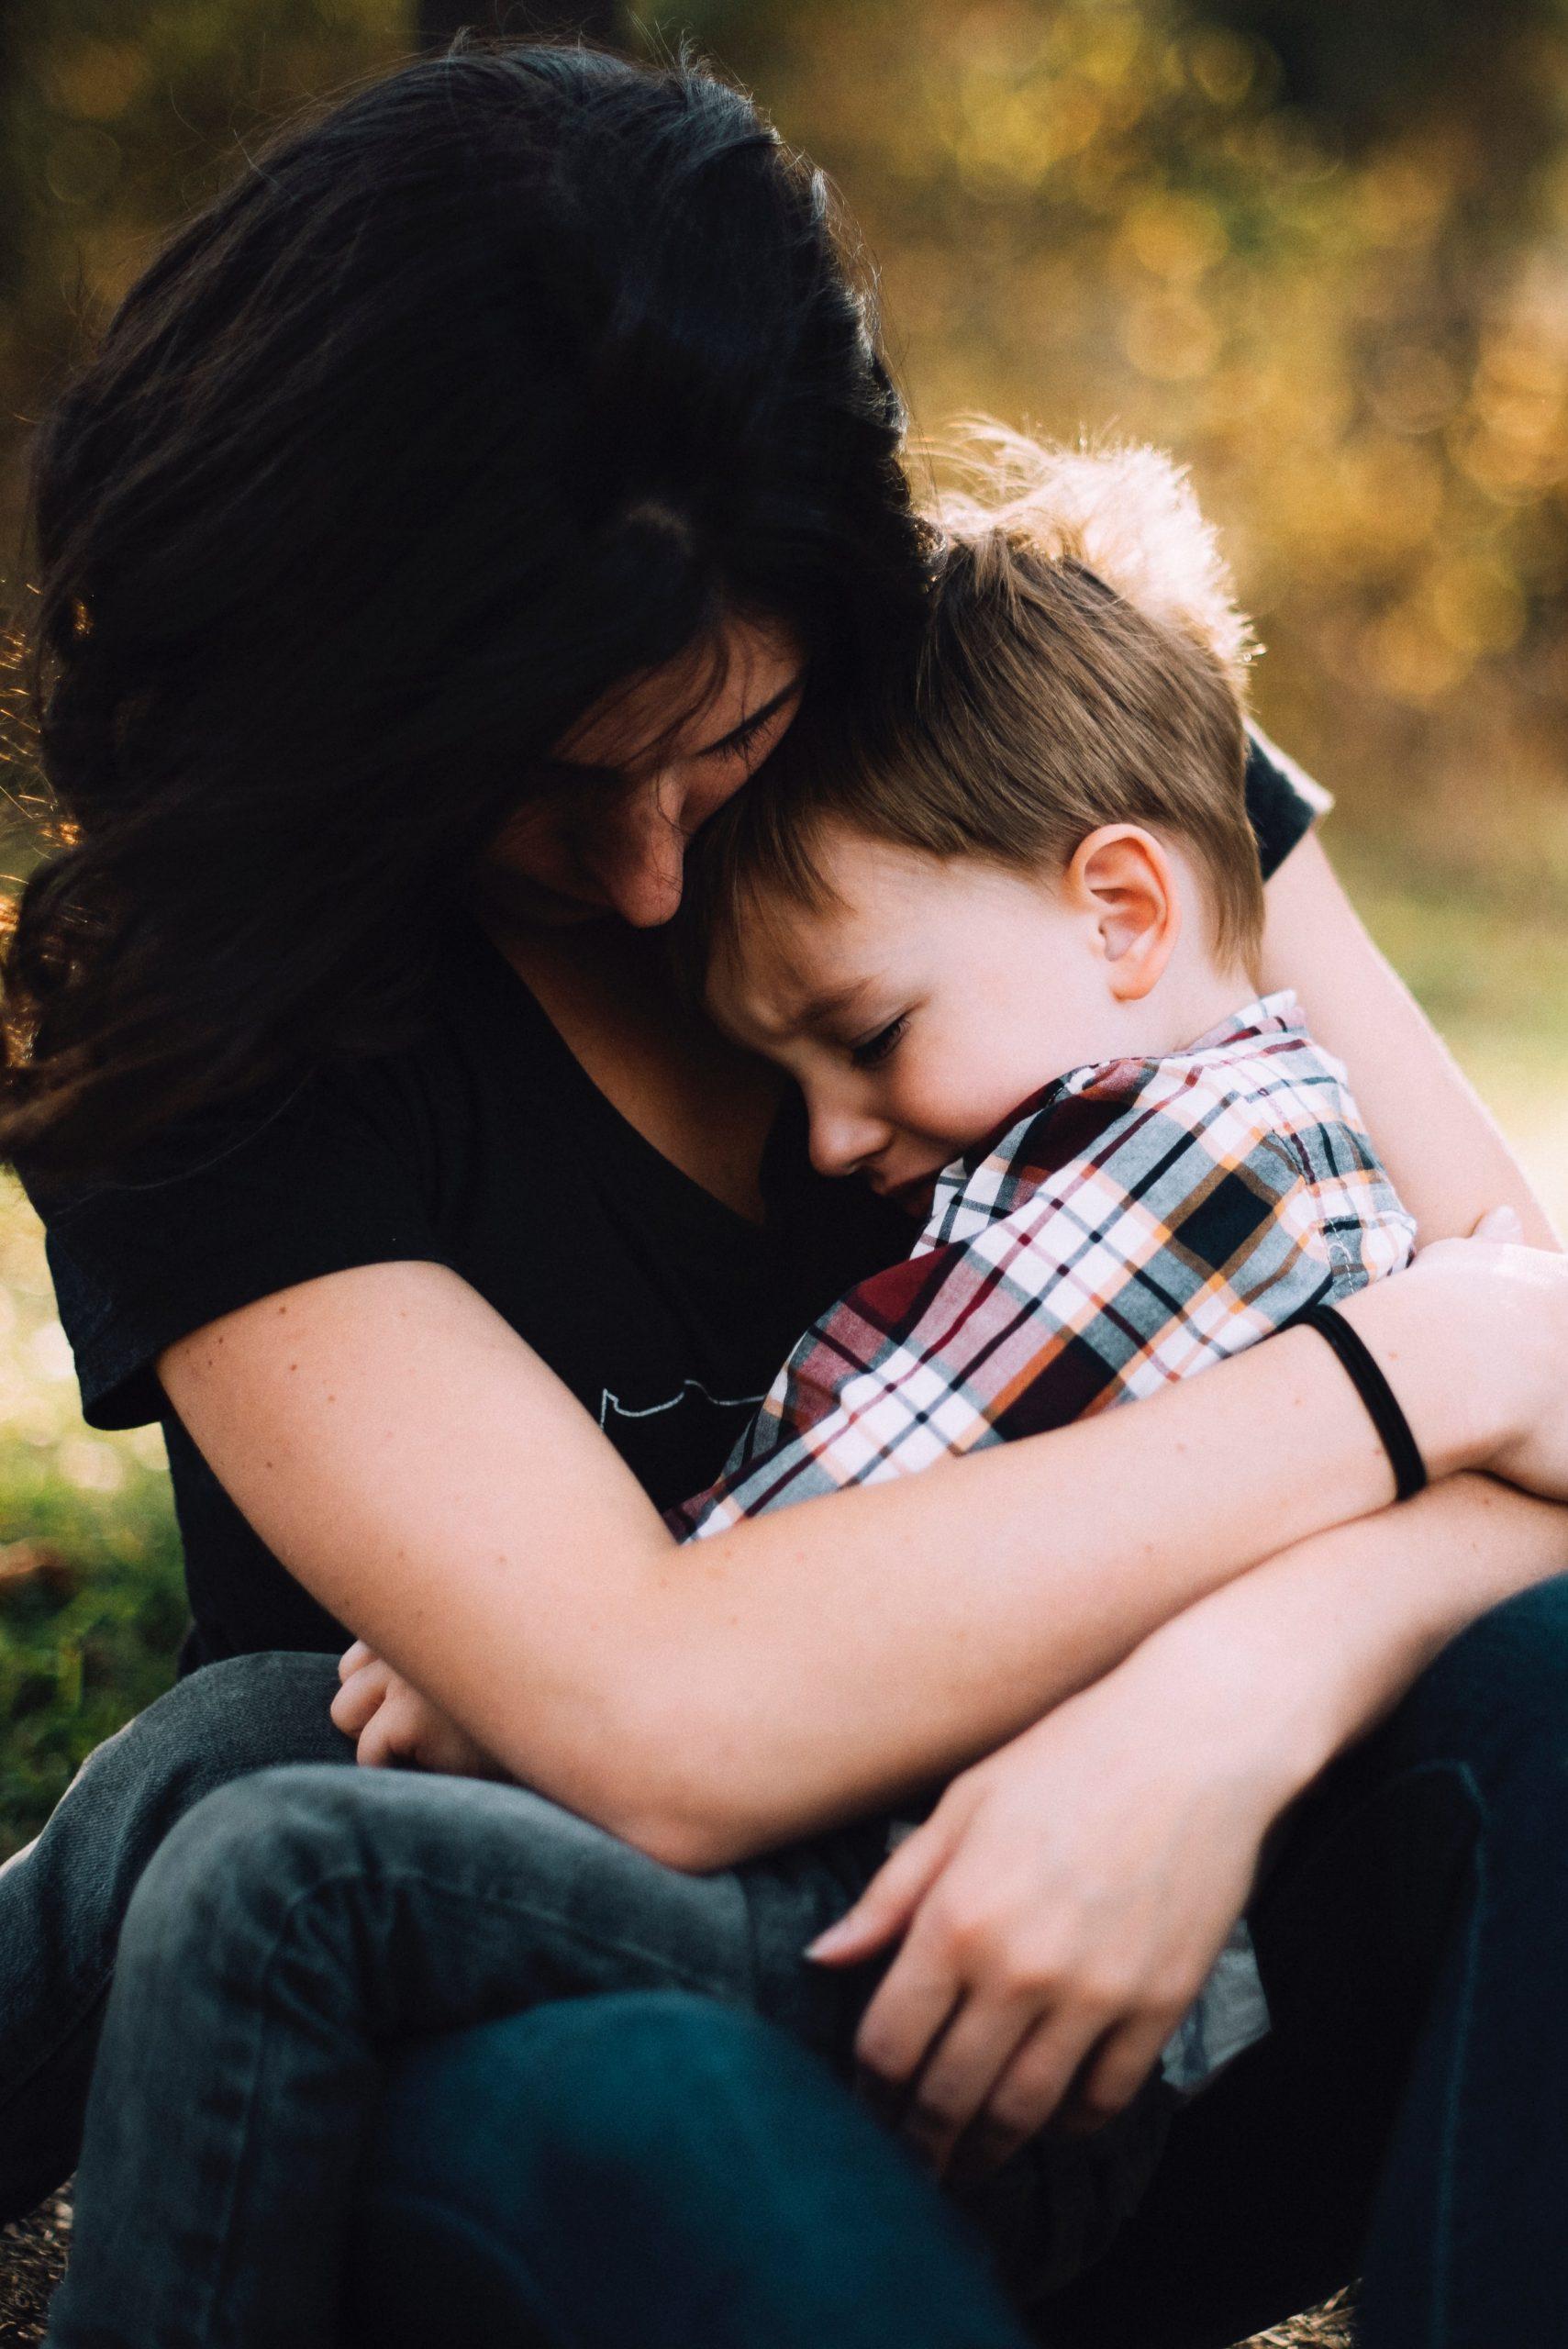 5 dicas para driblar o estresse infantil no isolamento